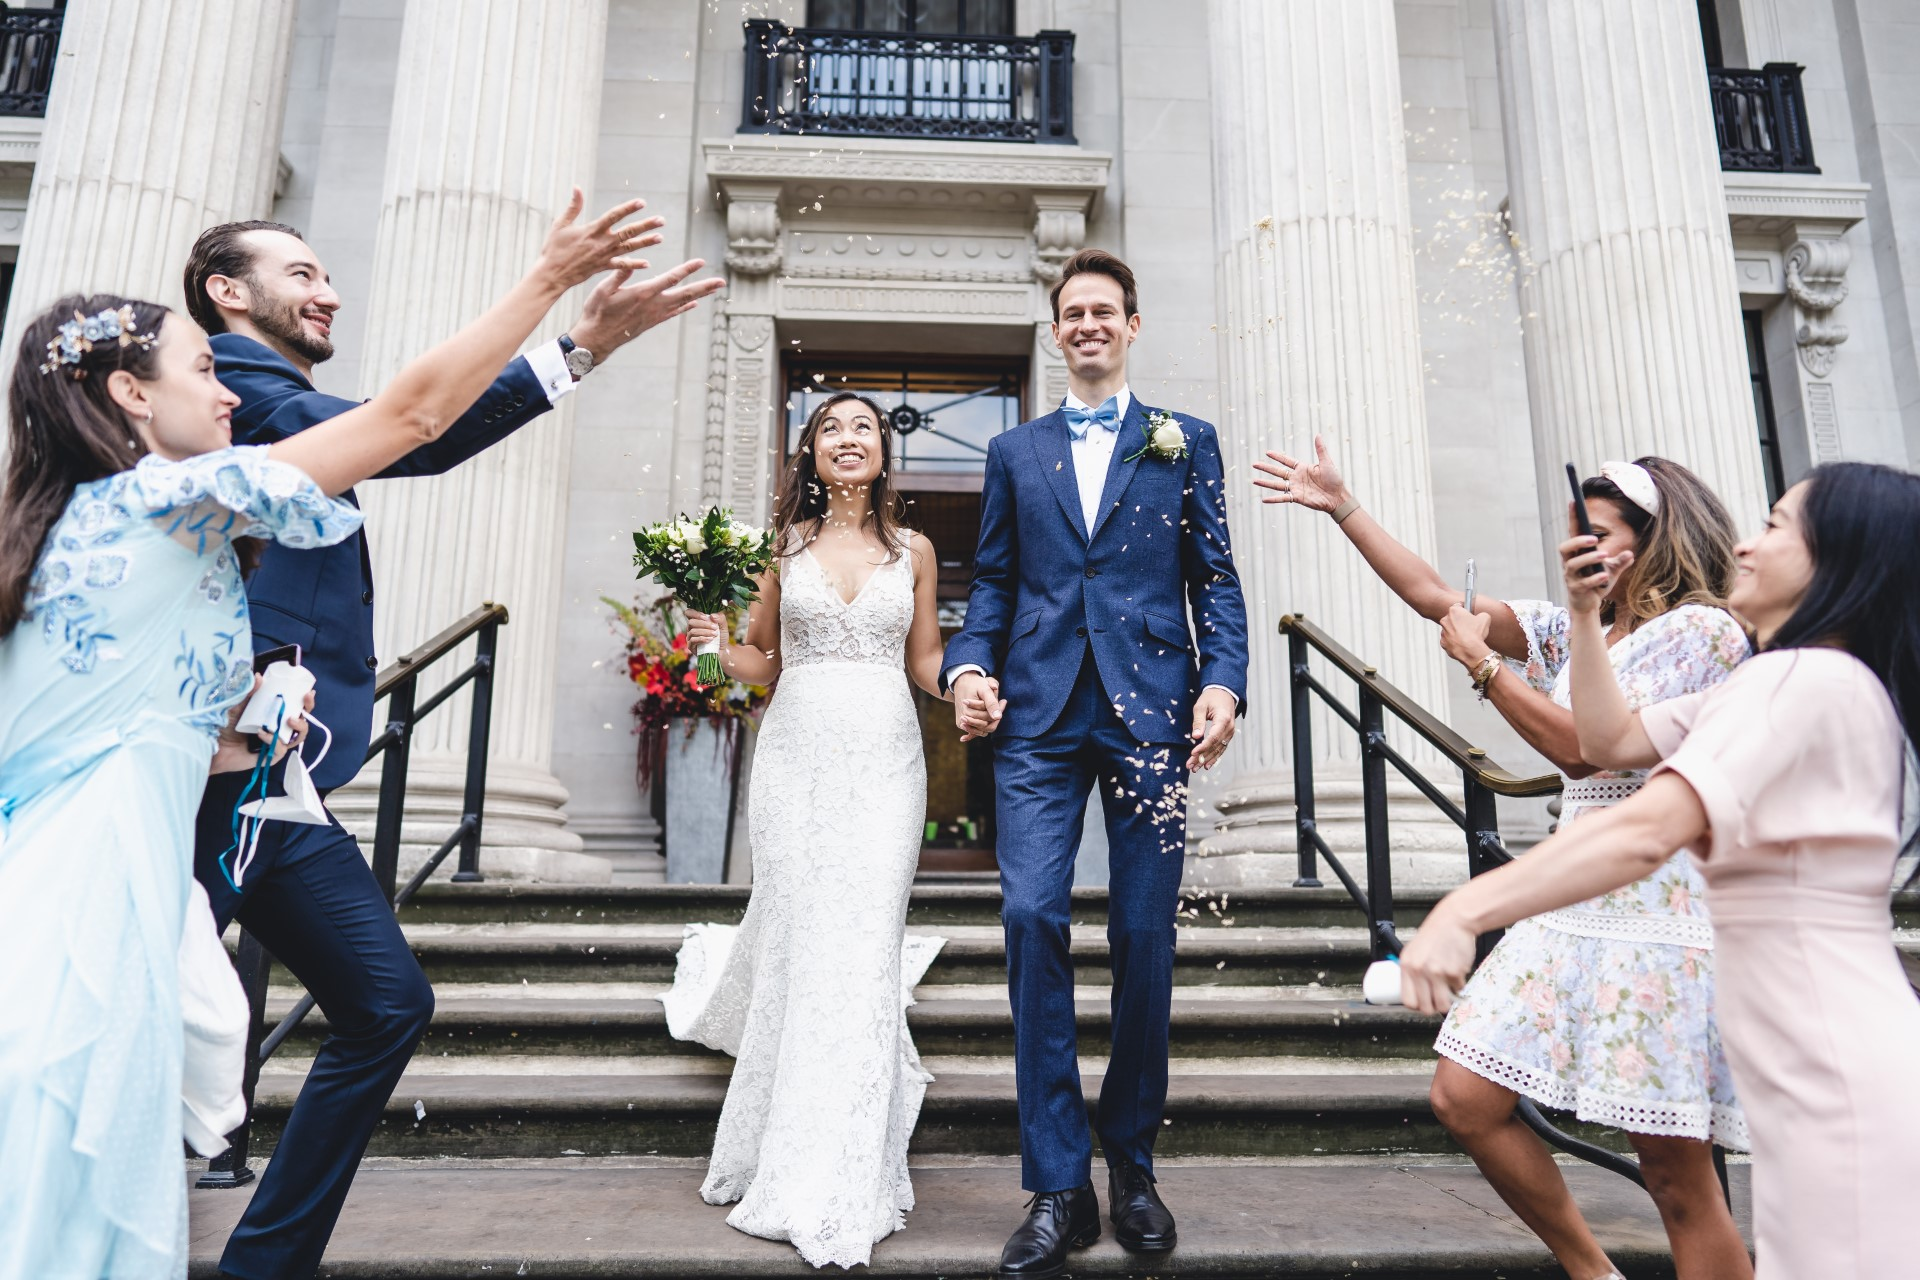 Mariage Pix de la maison du conseil de Westminster | Les mariés sont couverts de confettis